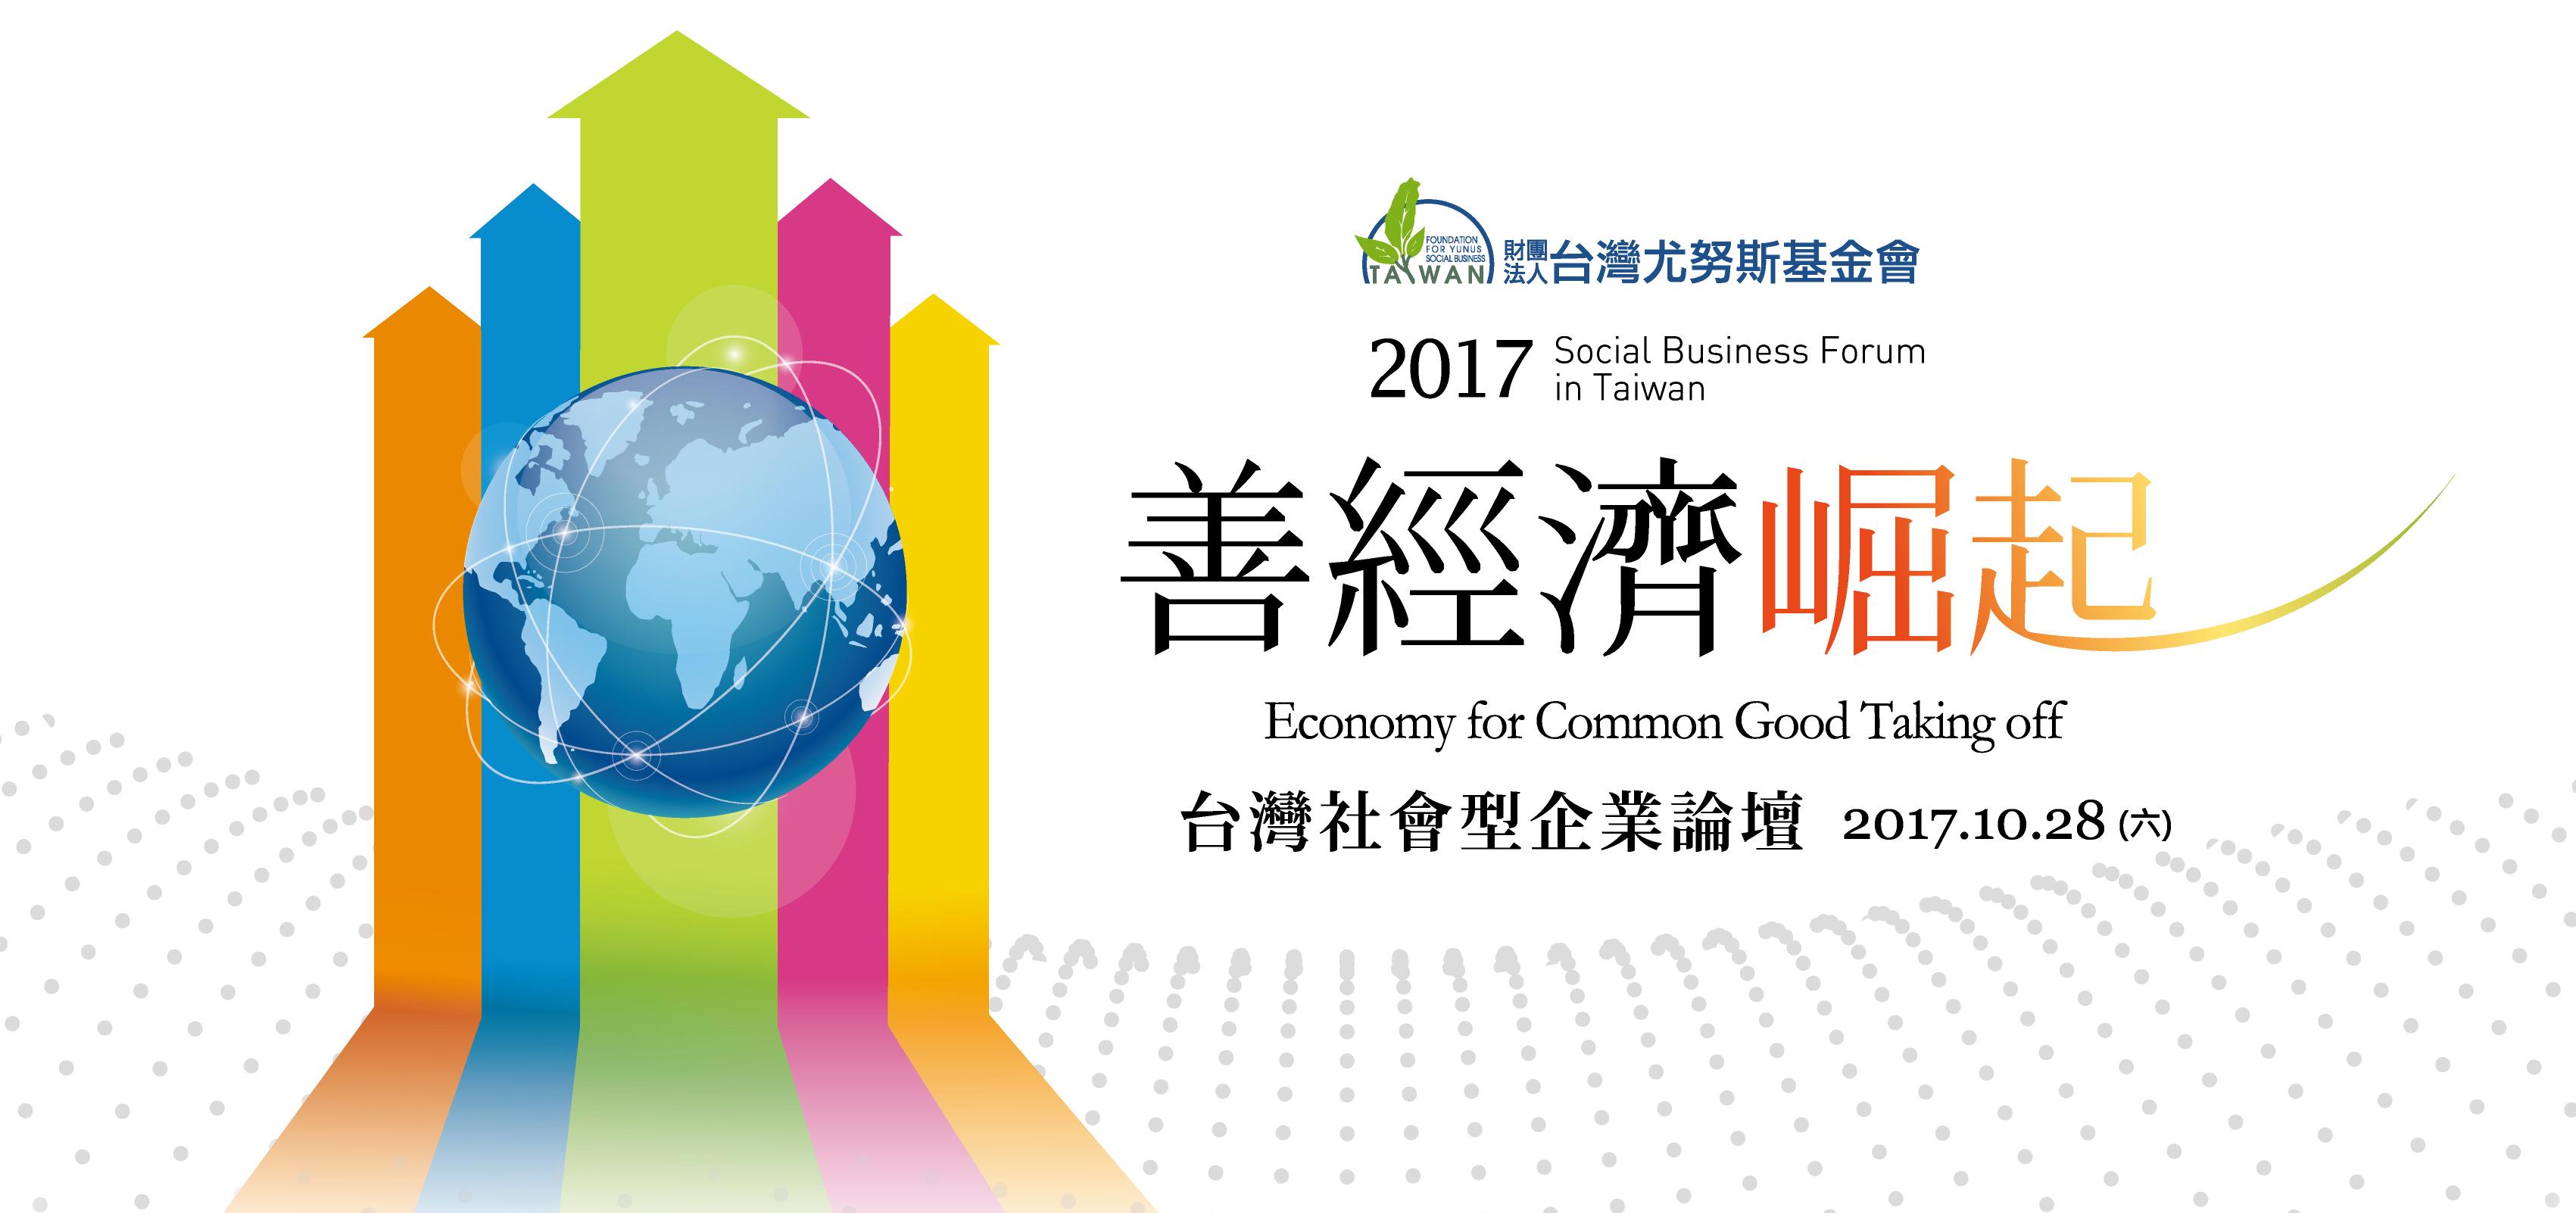 【活動訊息】2017台灣社會型企業論壇-財團法人台灣尤努斯基金會